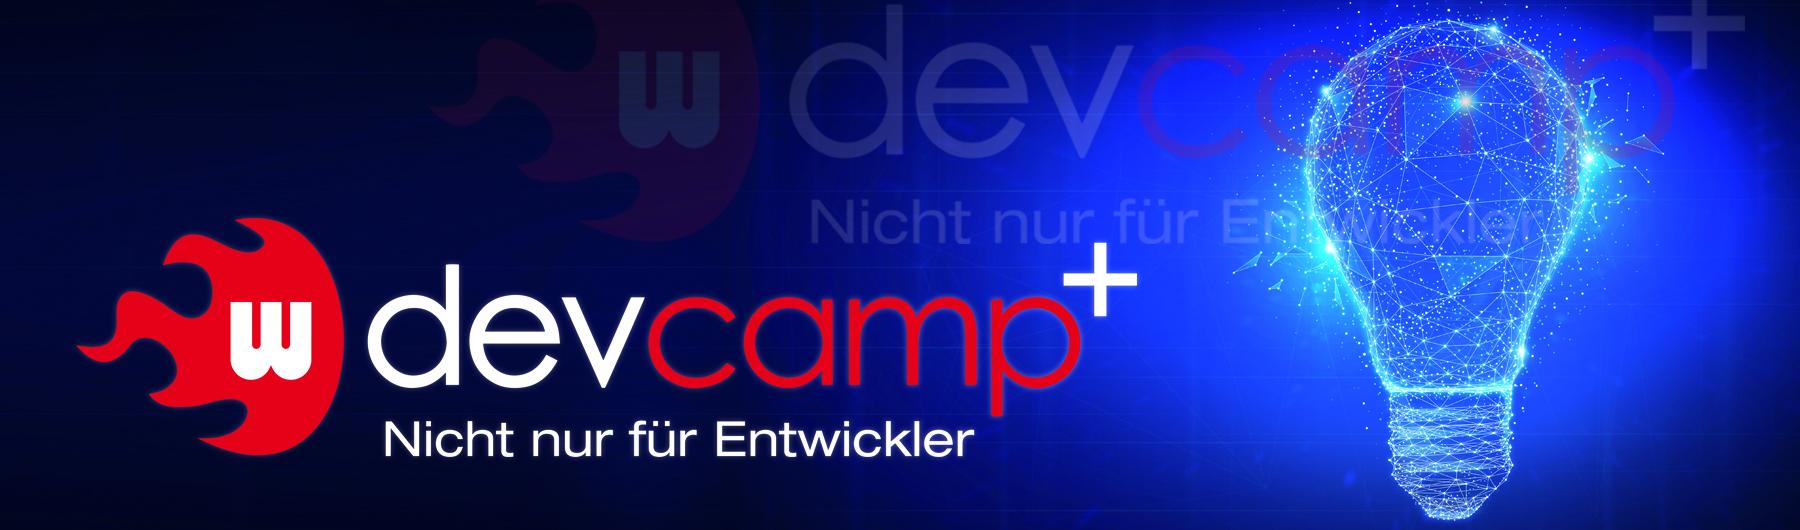 DevCamp 2018 • Das Networking-Event für IT-Experten